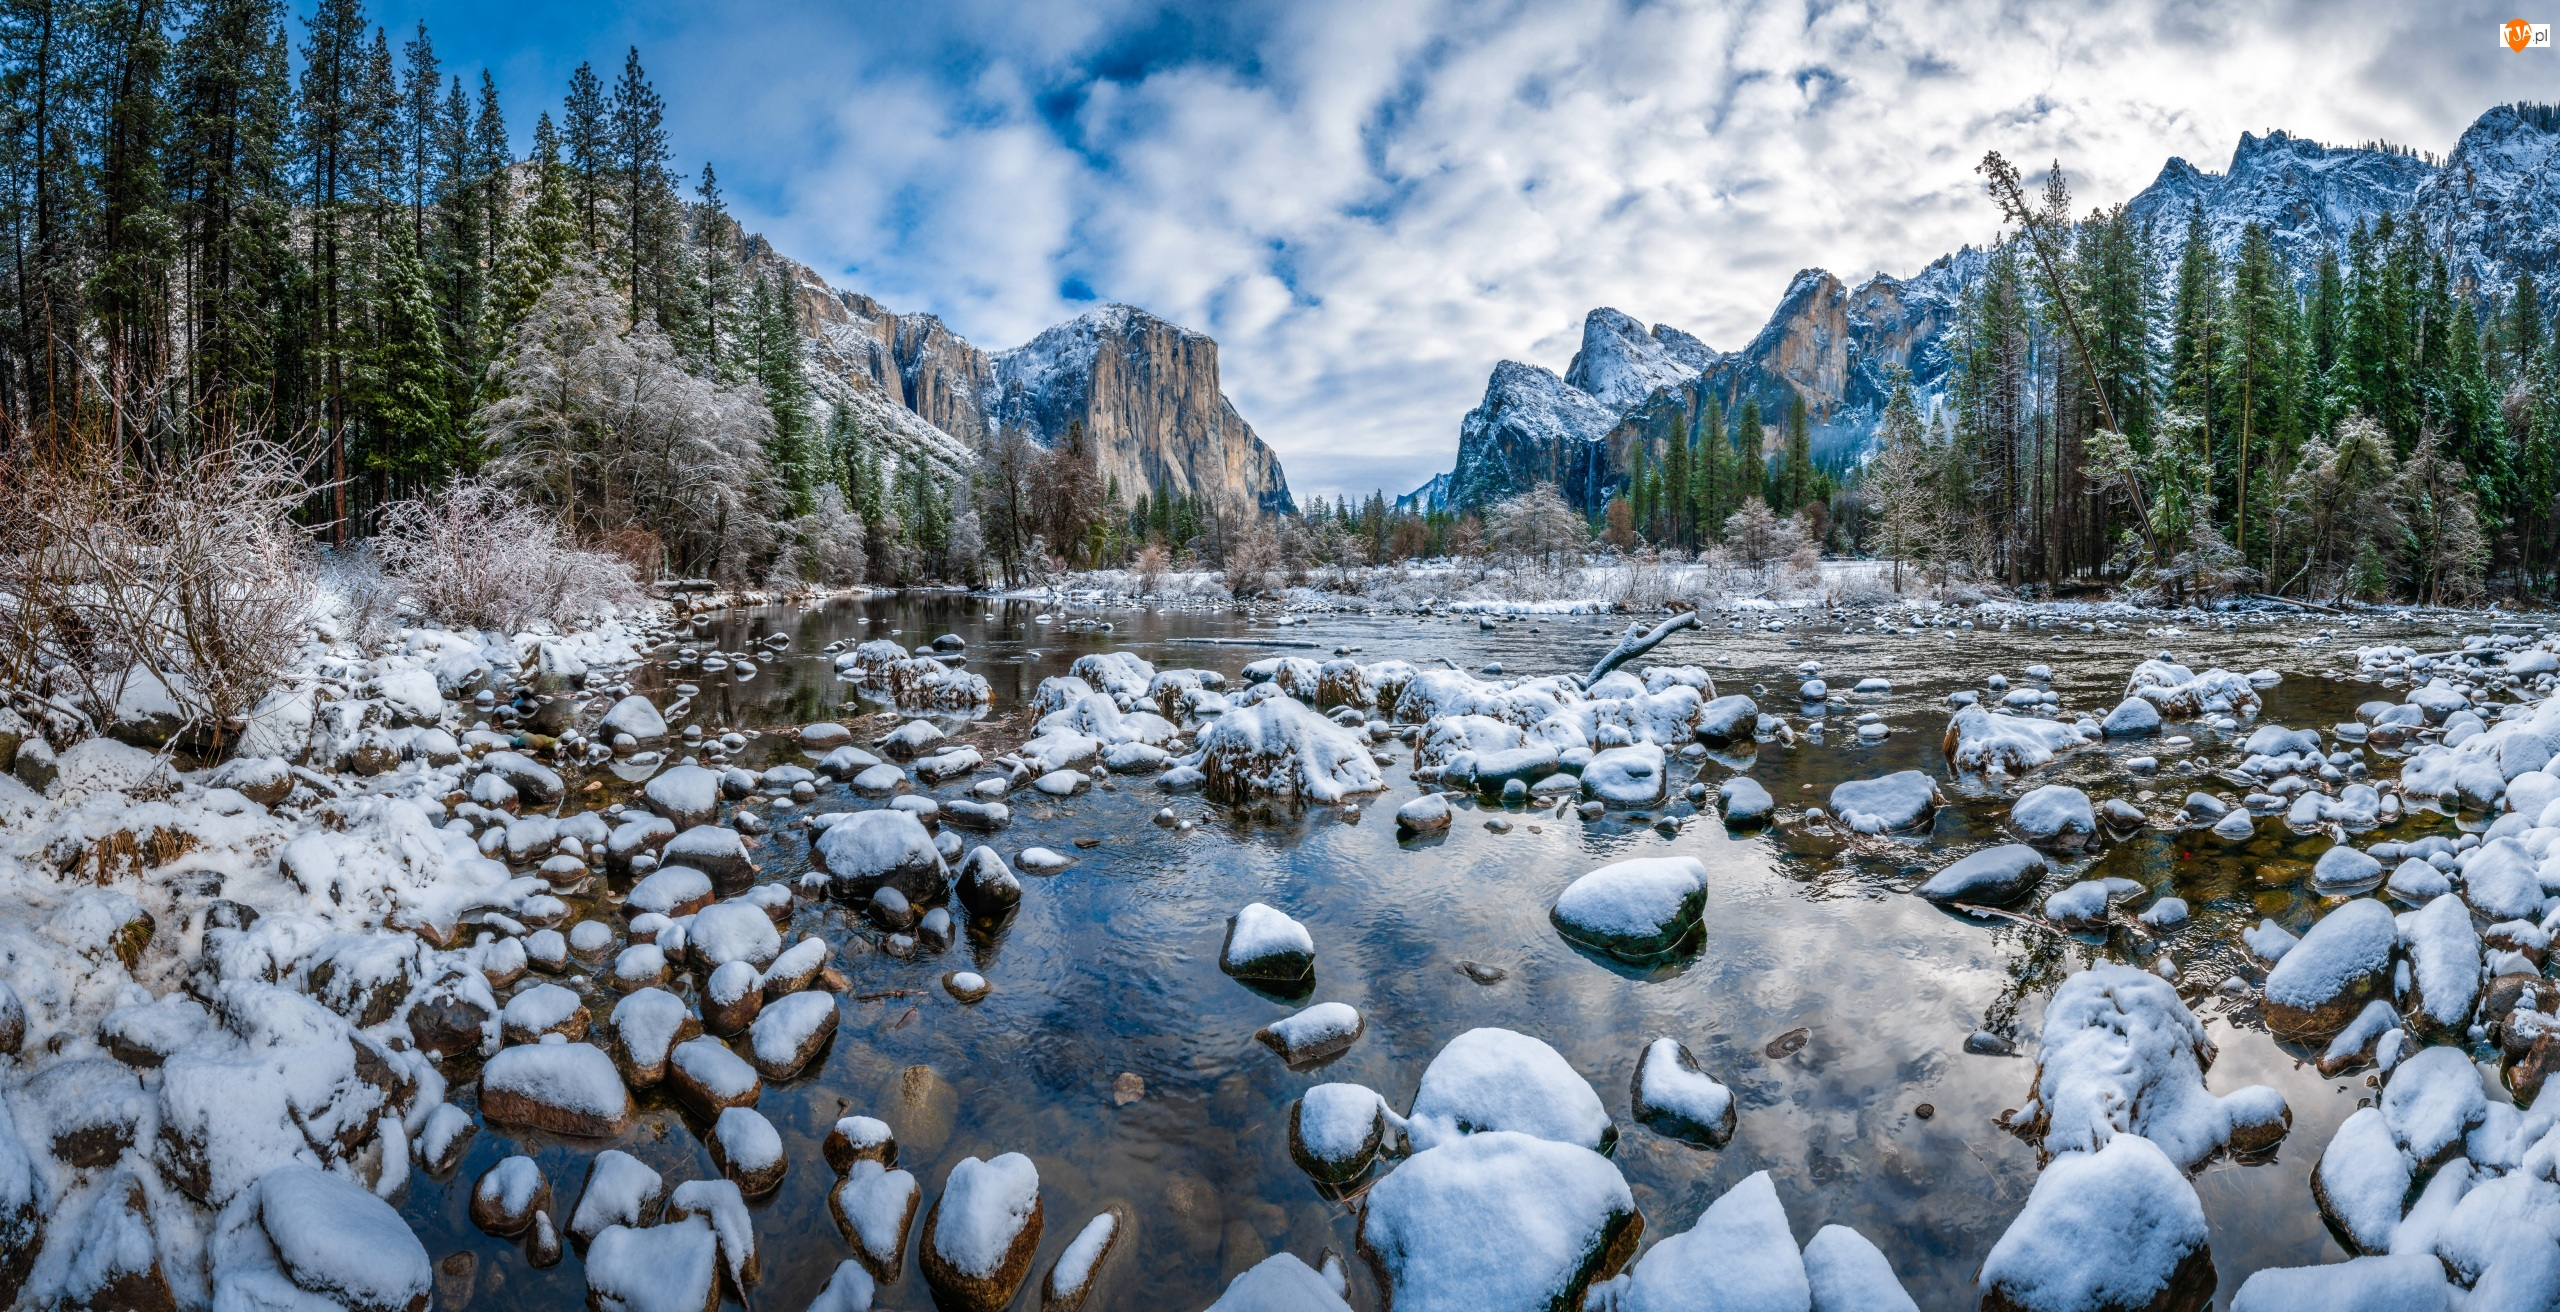 Zima, Park Narodowy Yosemite, Kamienie, Stan Kalifornia, Góry, Śnieg, Stany Zjednoczone, Rzeka Merced River